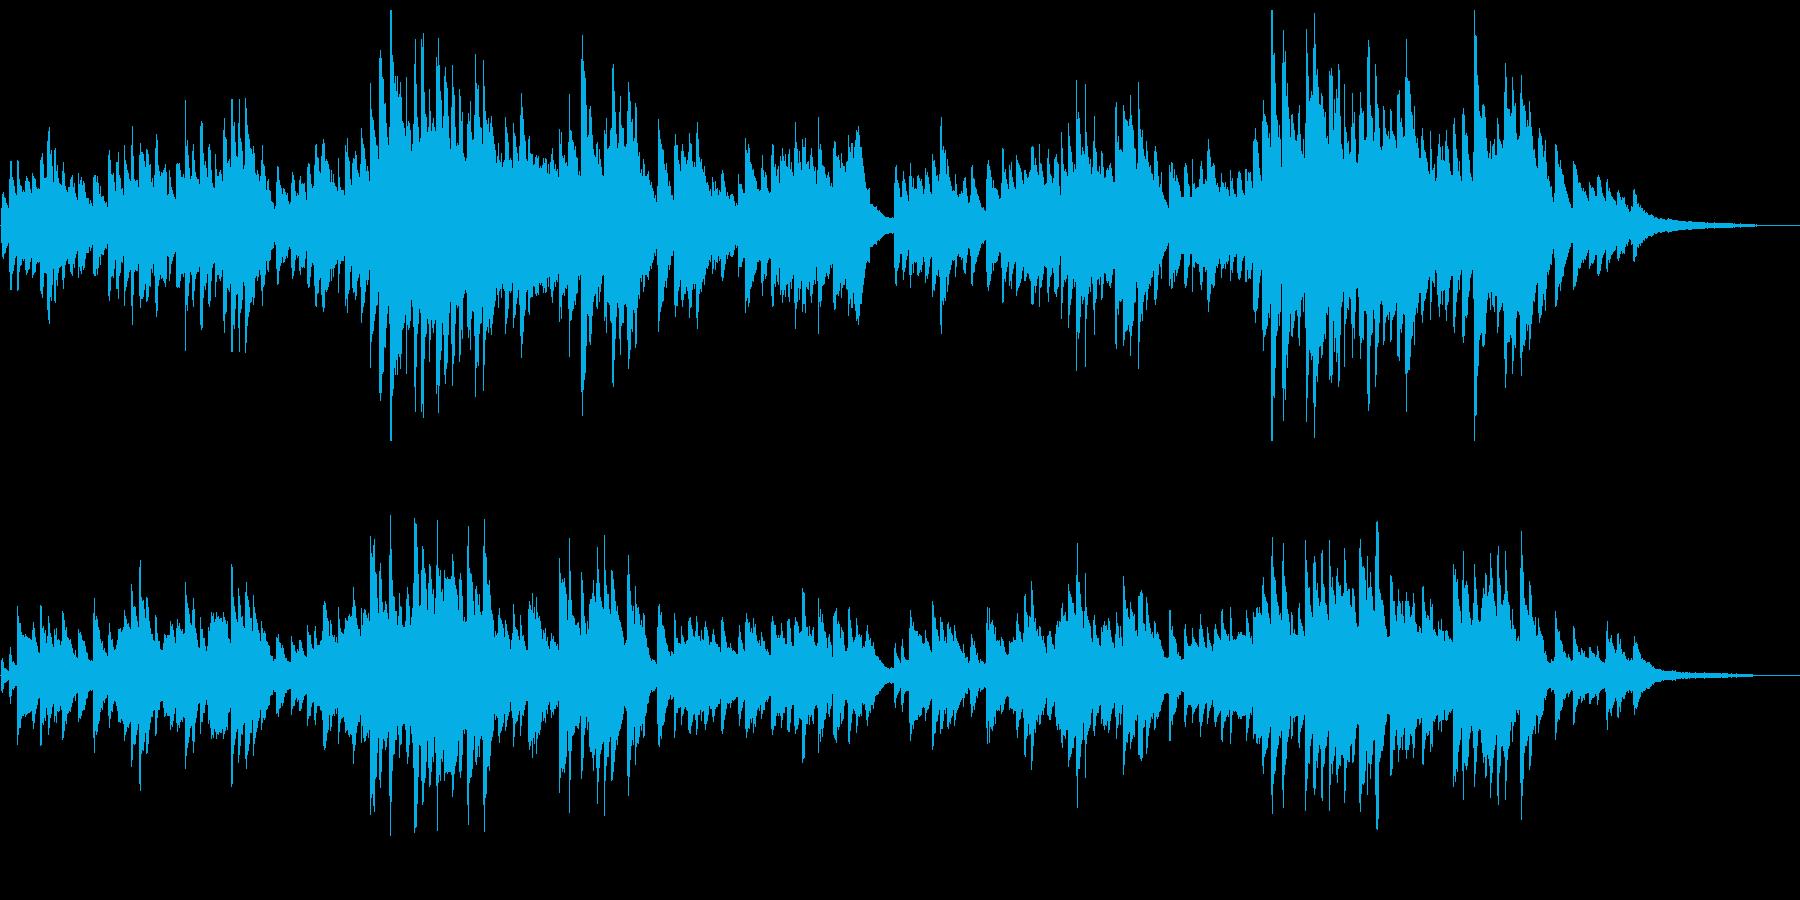 「朧月夜」シンプルなピアノソロの再生済みの波形